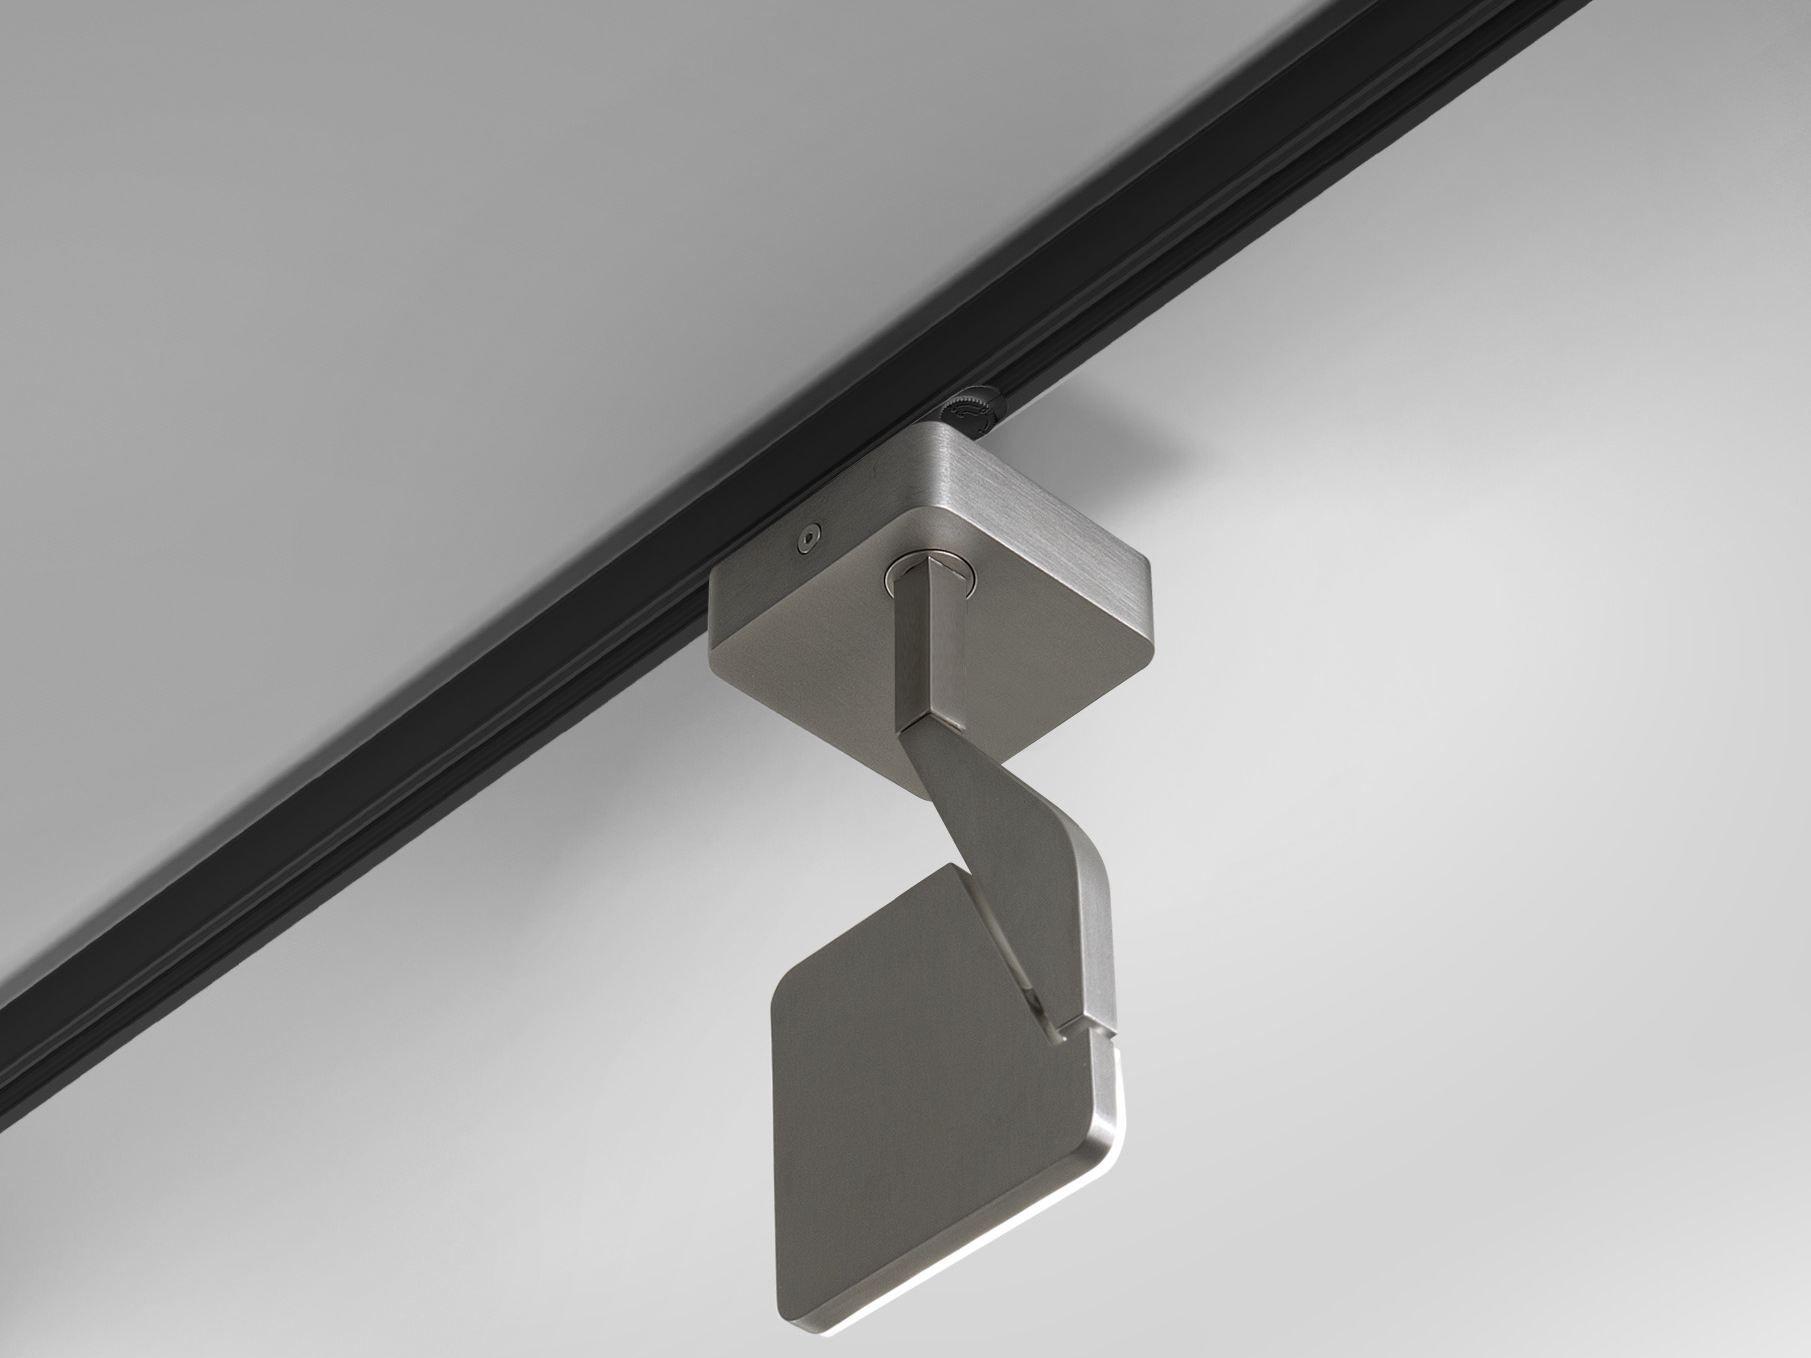 Faretti Quadrati Controsoffitto: Faretti quadrati per controsoffitto a soffitto.